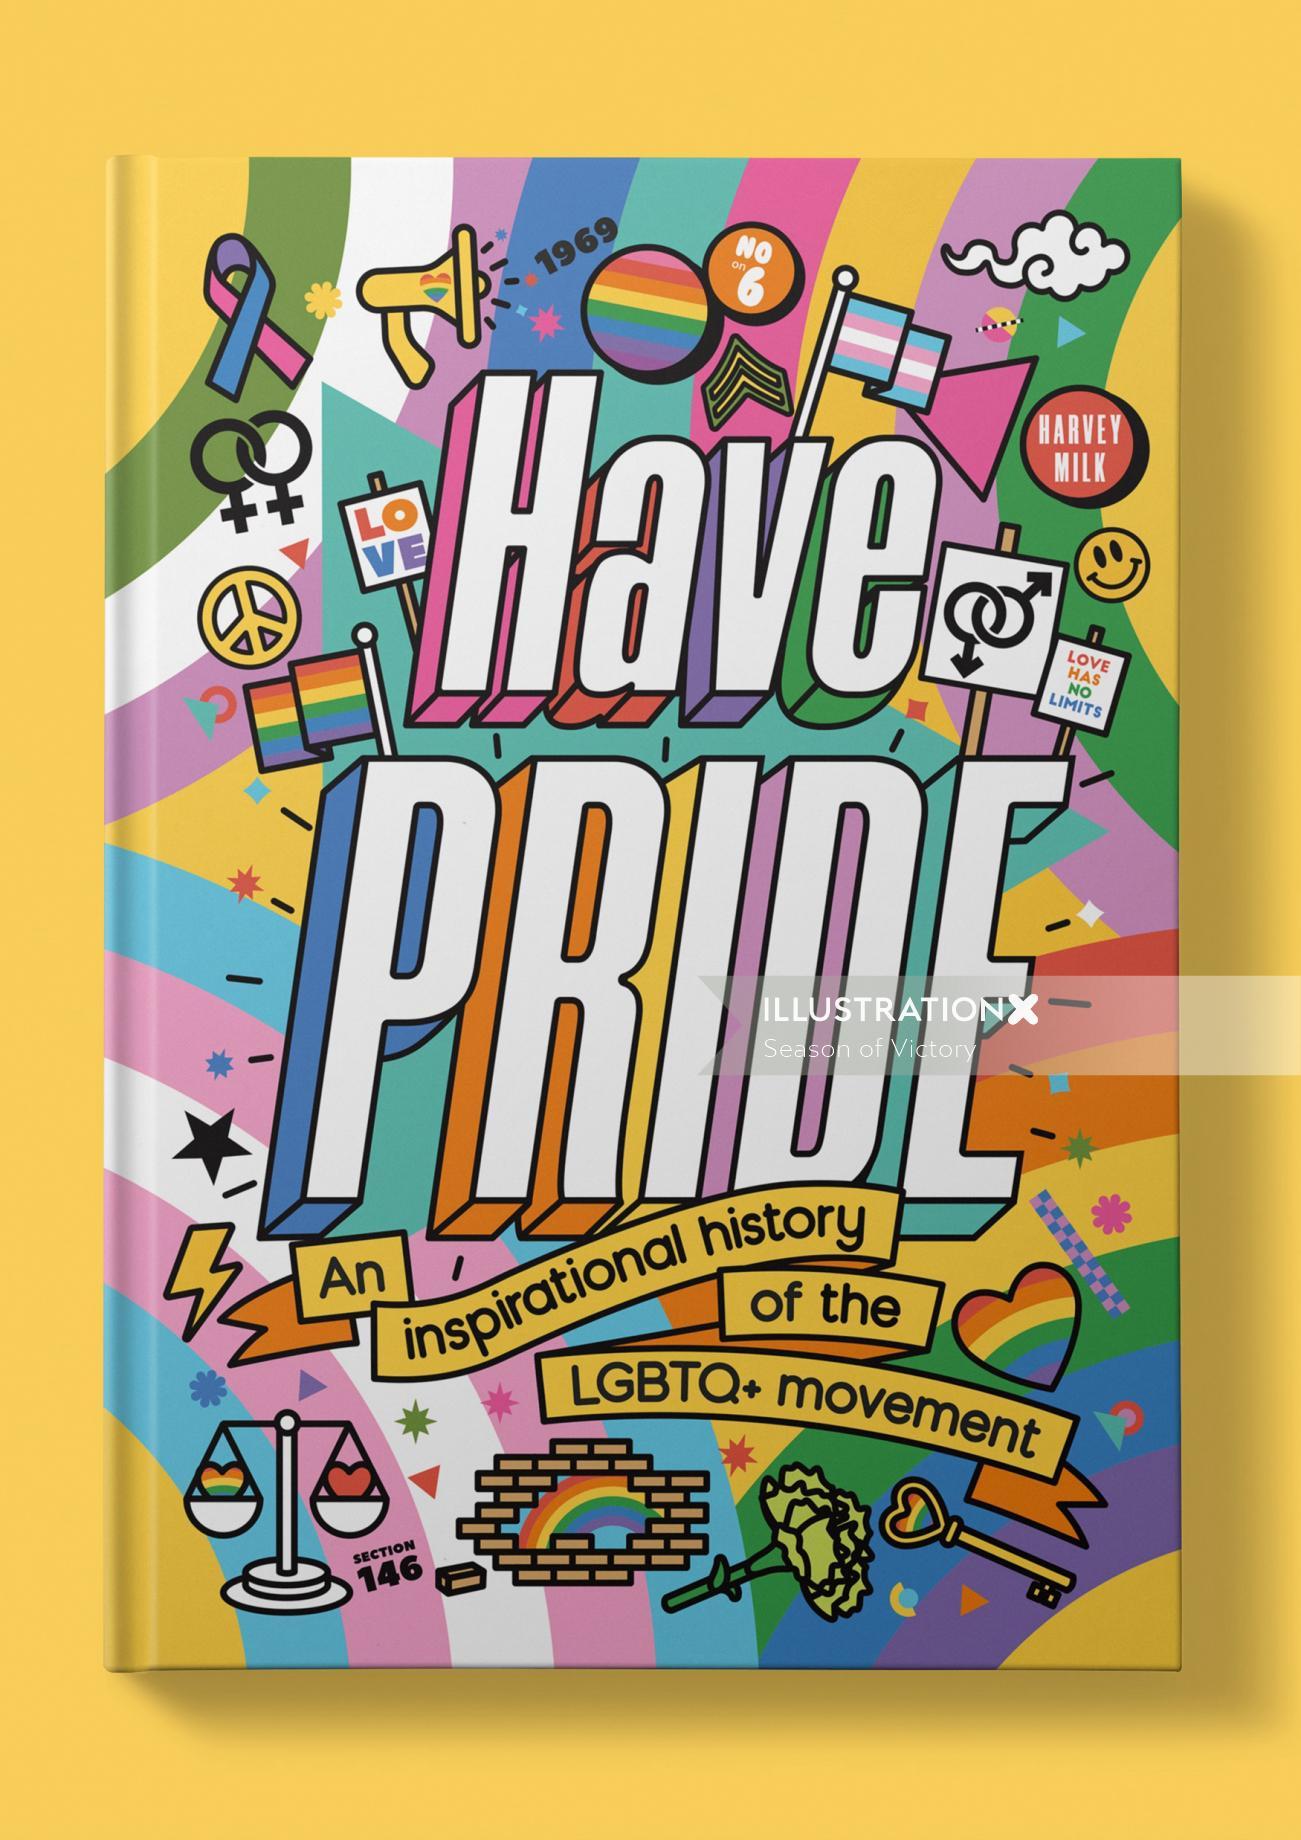 Book cover design of Have pride